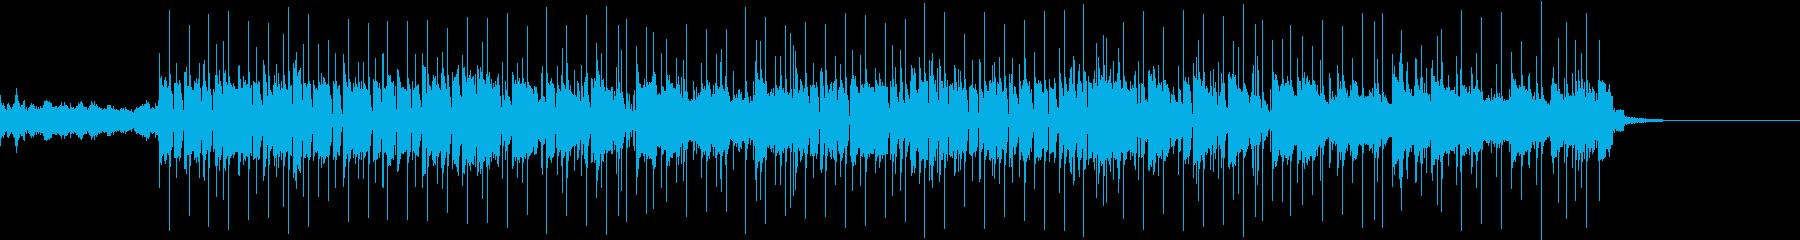 ヴァイオリンでメロディの再生済みの波形